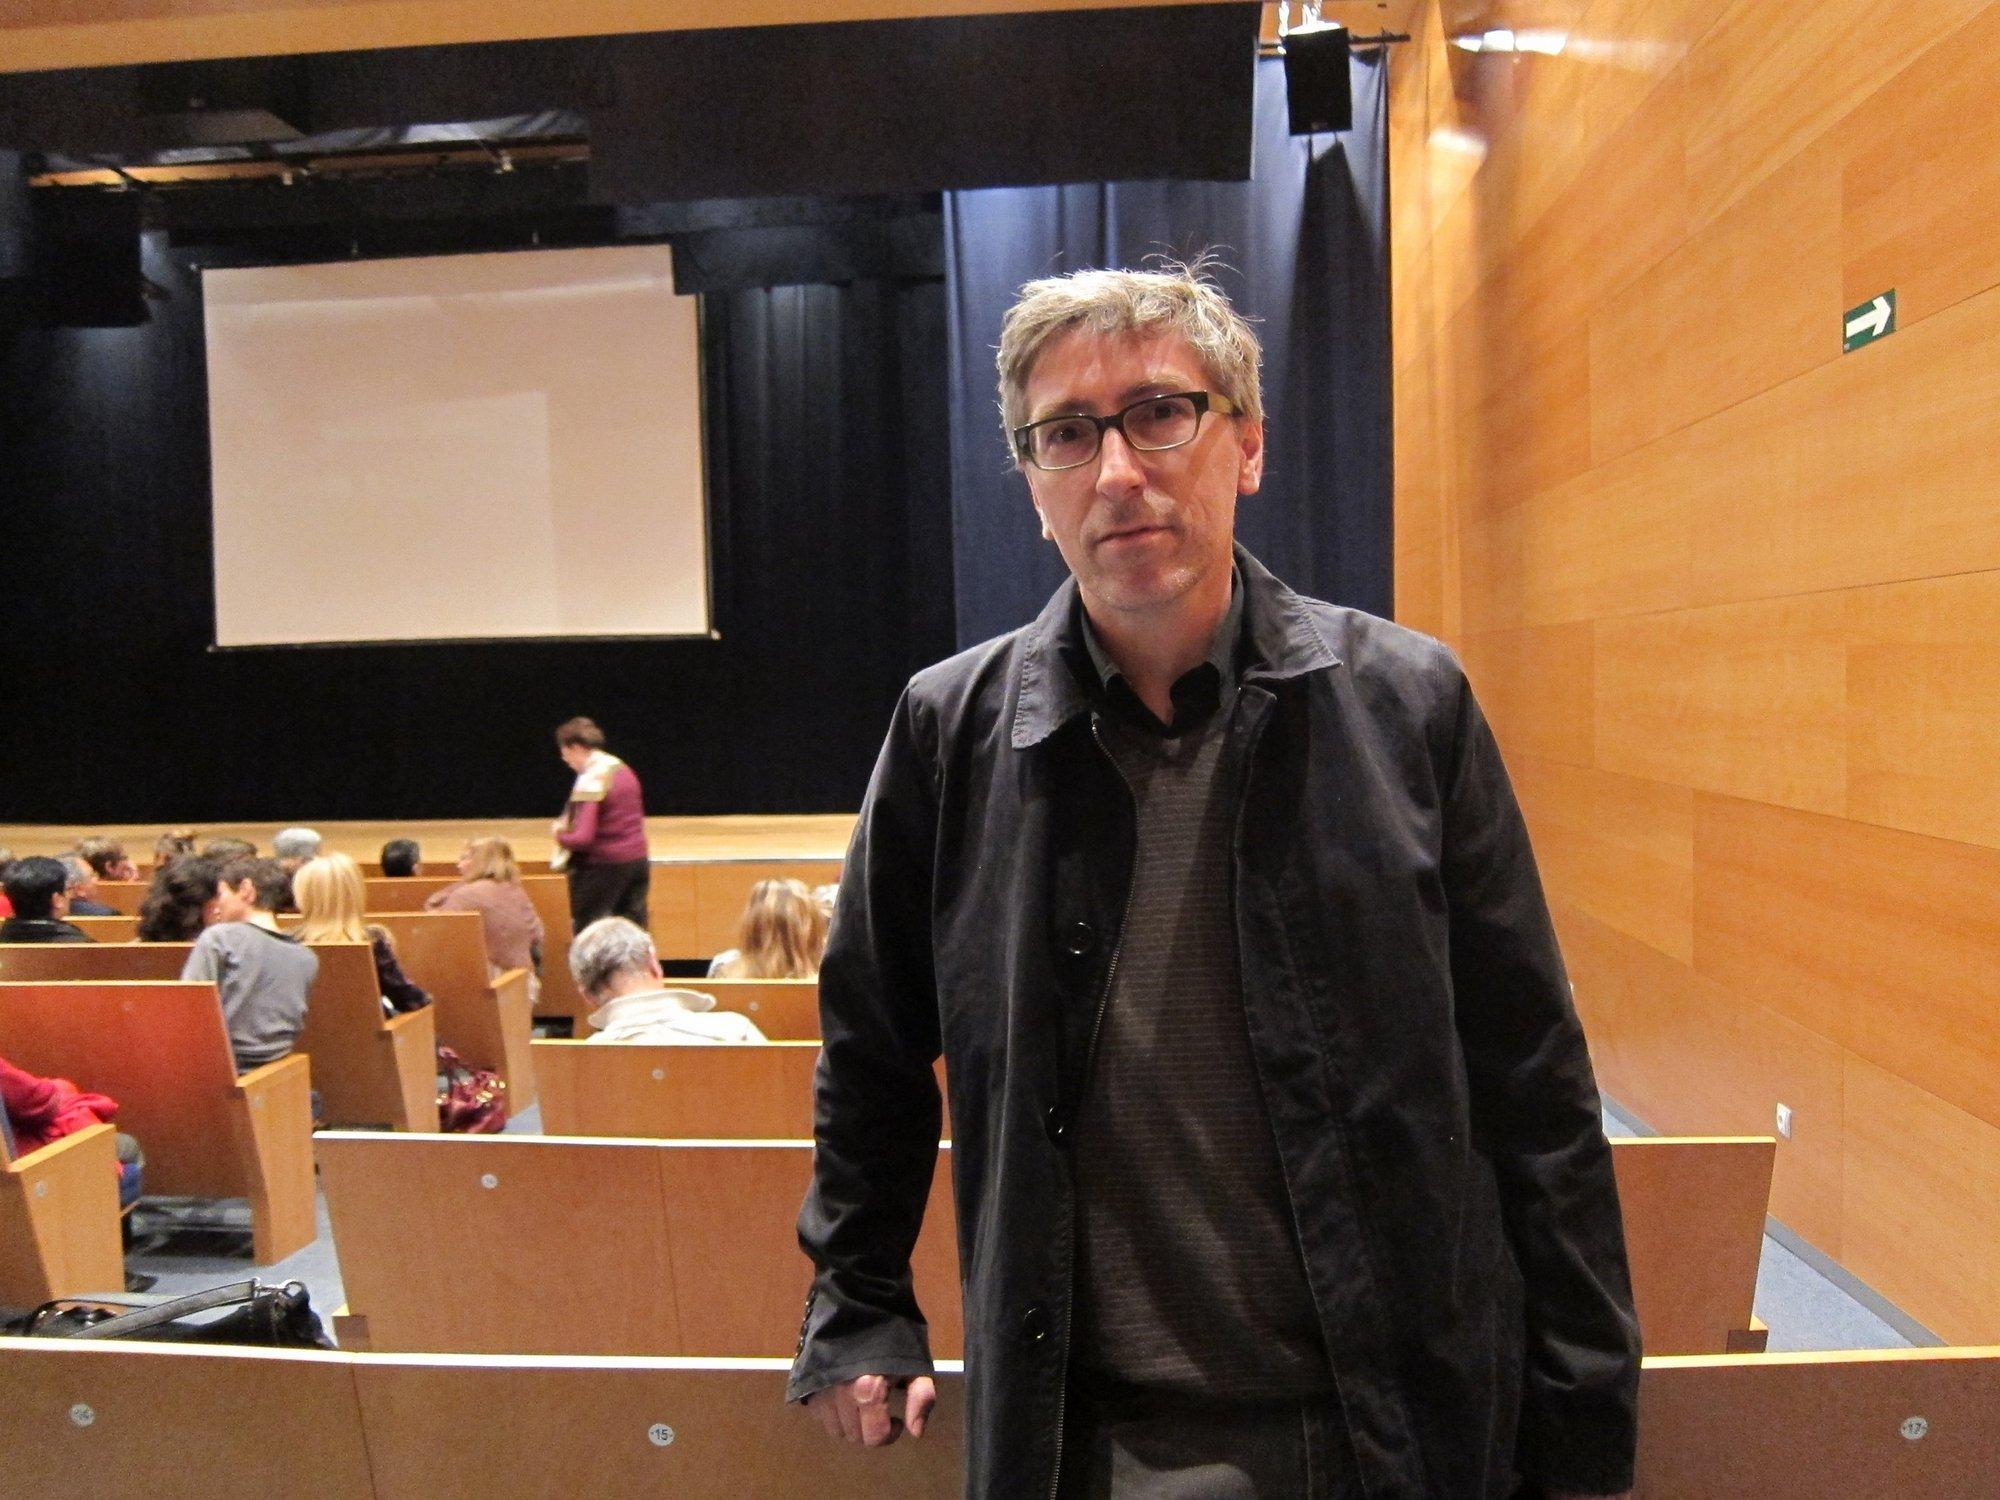 El director de cine David Trueba asegura que el Sida «todavía es una enfermedad estigmatizada»